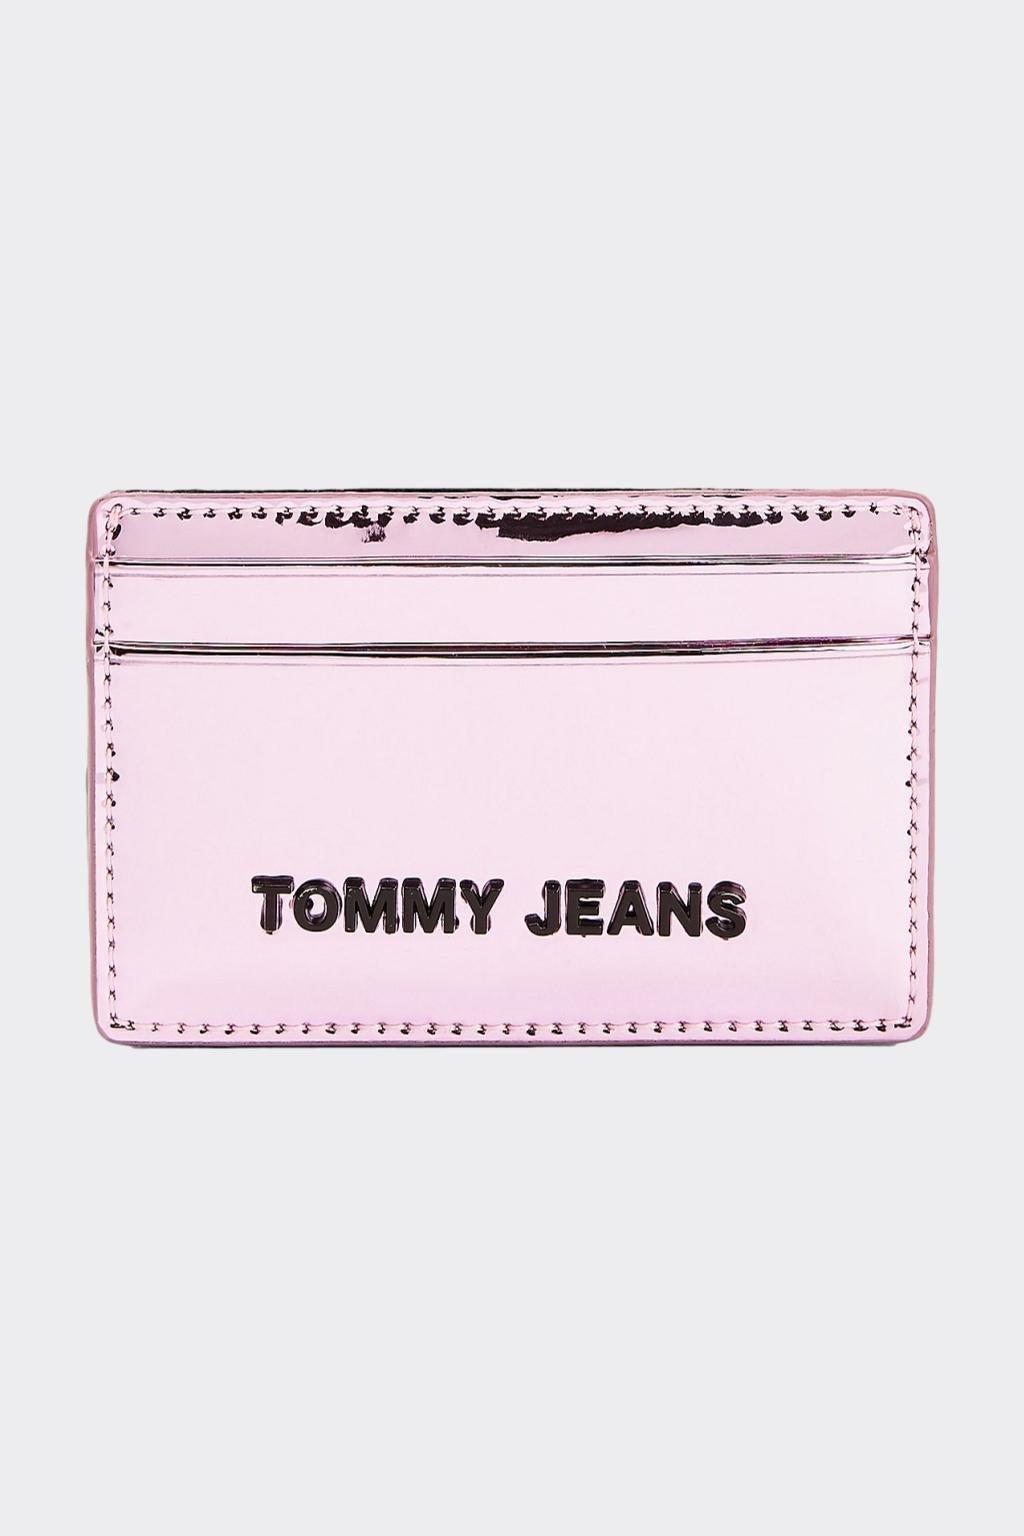 Tommy Jeans pouzdro na karty - metalické